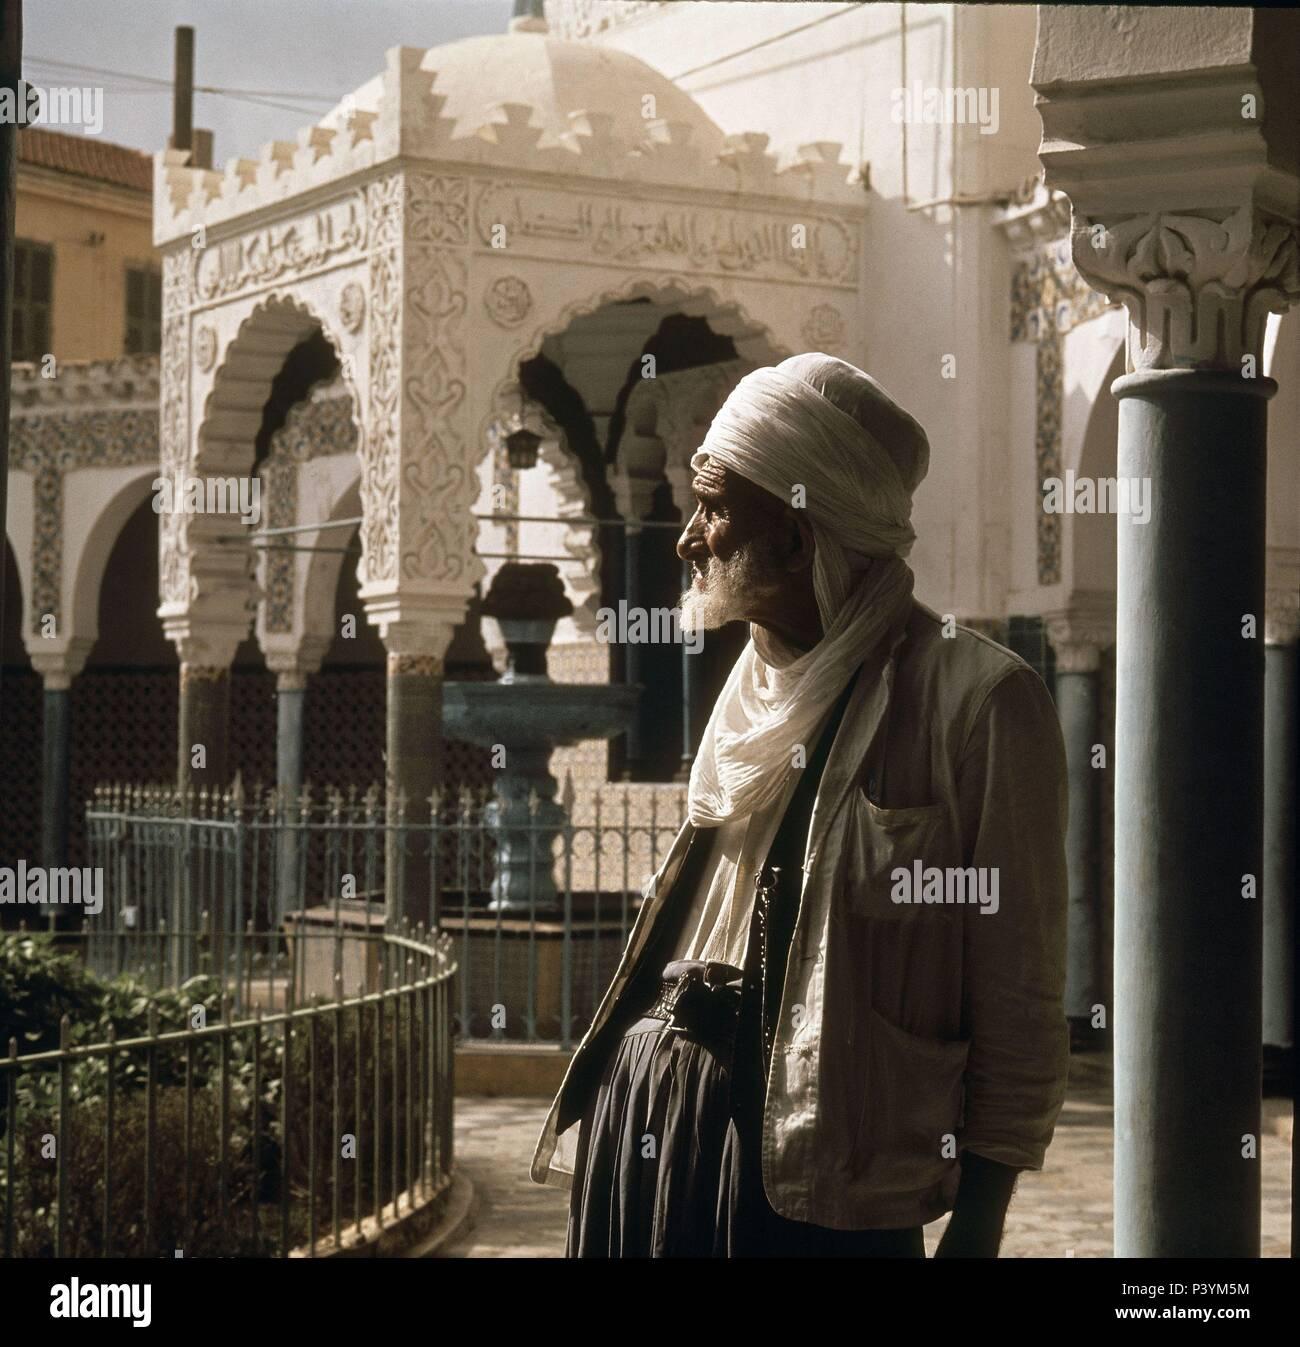 *ARGELINO CON TURBANTE EN EL PATIO DE LA MEZQUITA. Posizione: Mezquita, Orano, in Algeria. Immagini Stock